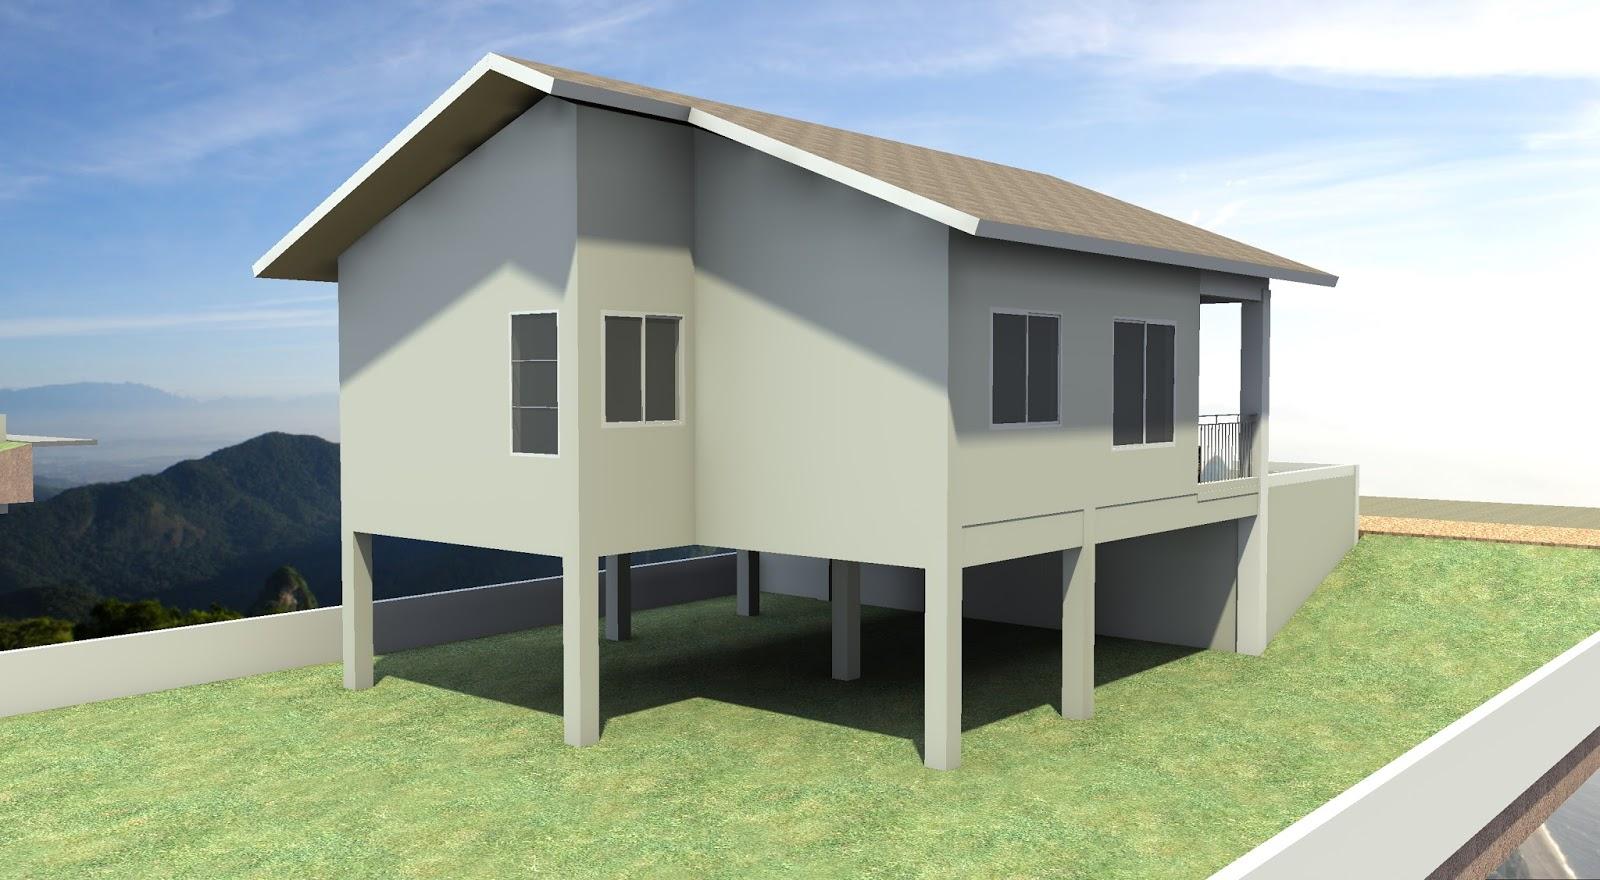 Urbanismo: Projetos para Minha Casa Minha Vida do Governo Federal #335F98 1600 880